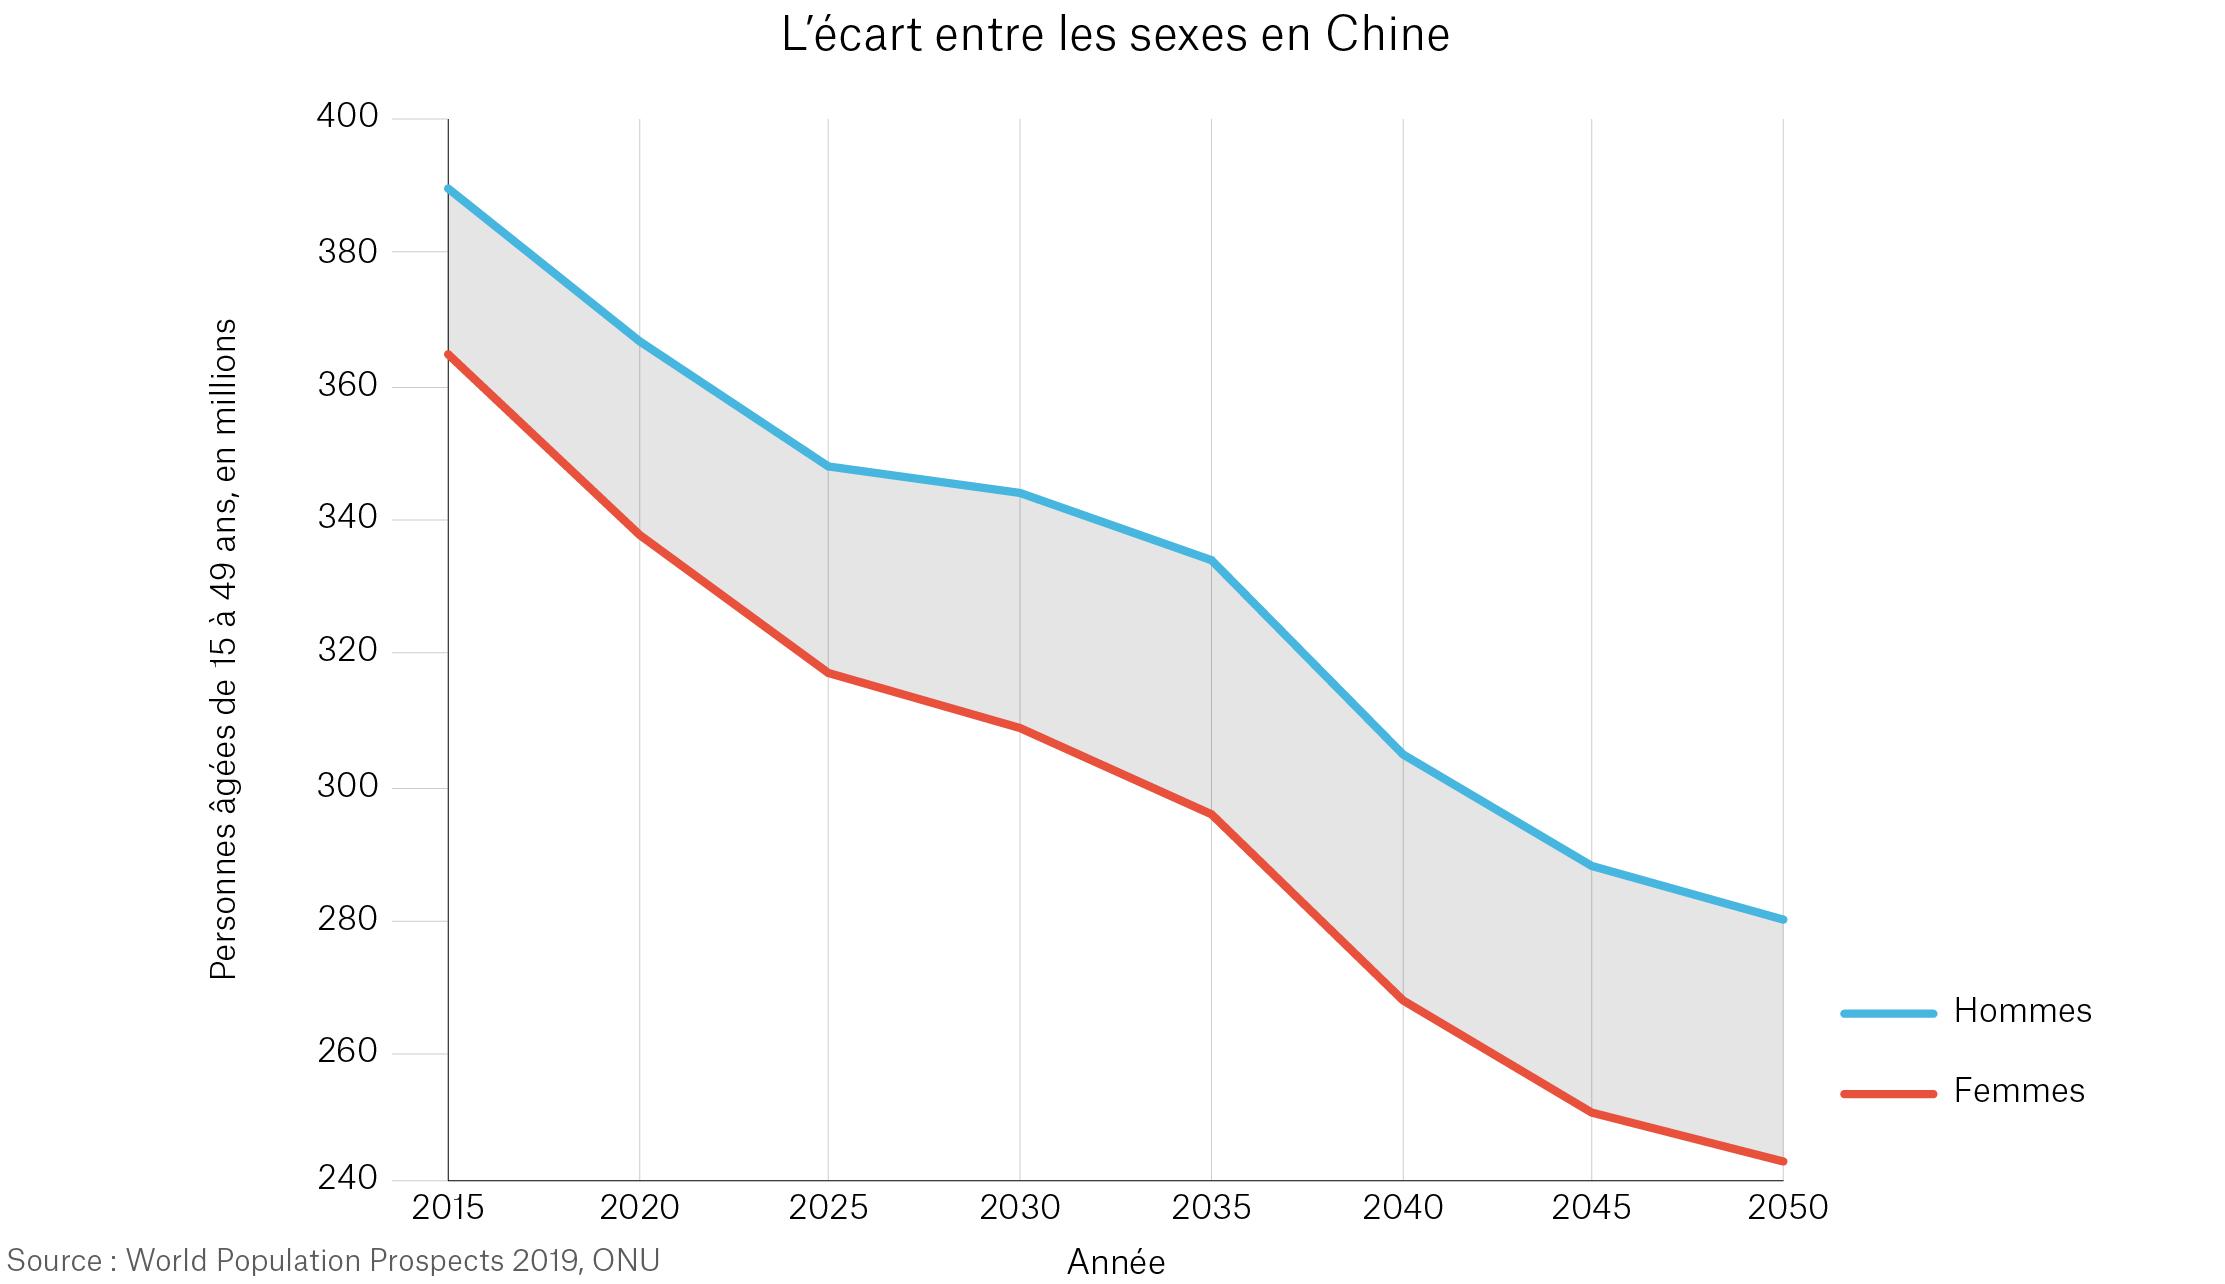 Graphique établi à partir de données de l'ONU montrant une projection de l'écart entre les sexes en Chine jusqu'en 2050 (Département d'État)